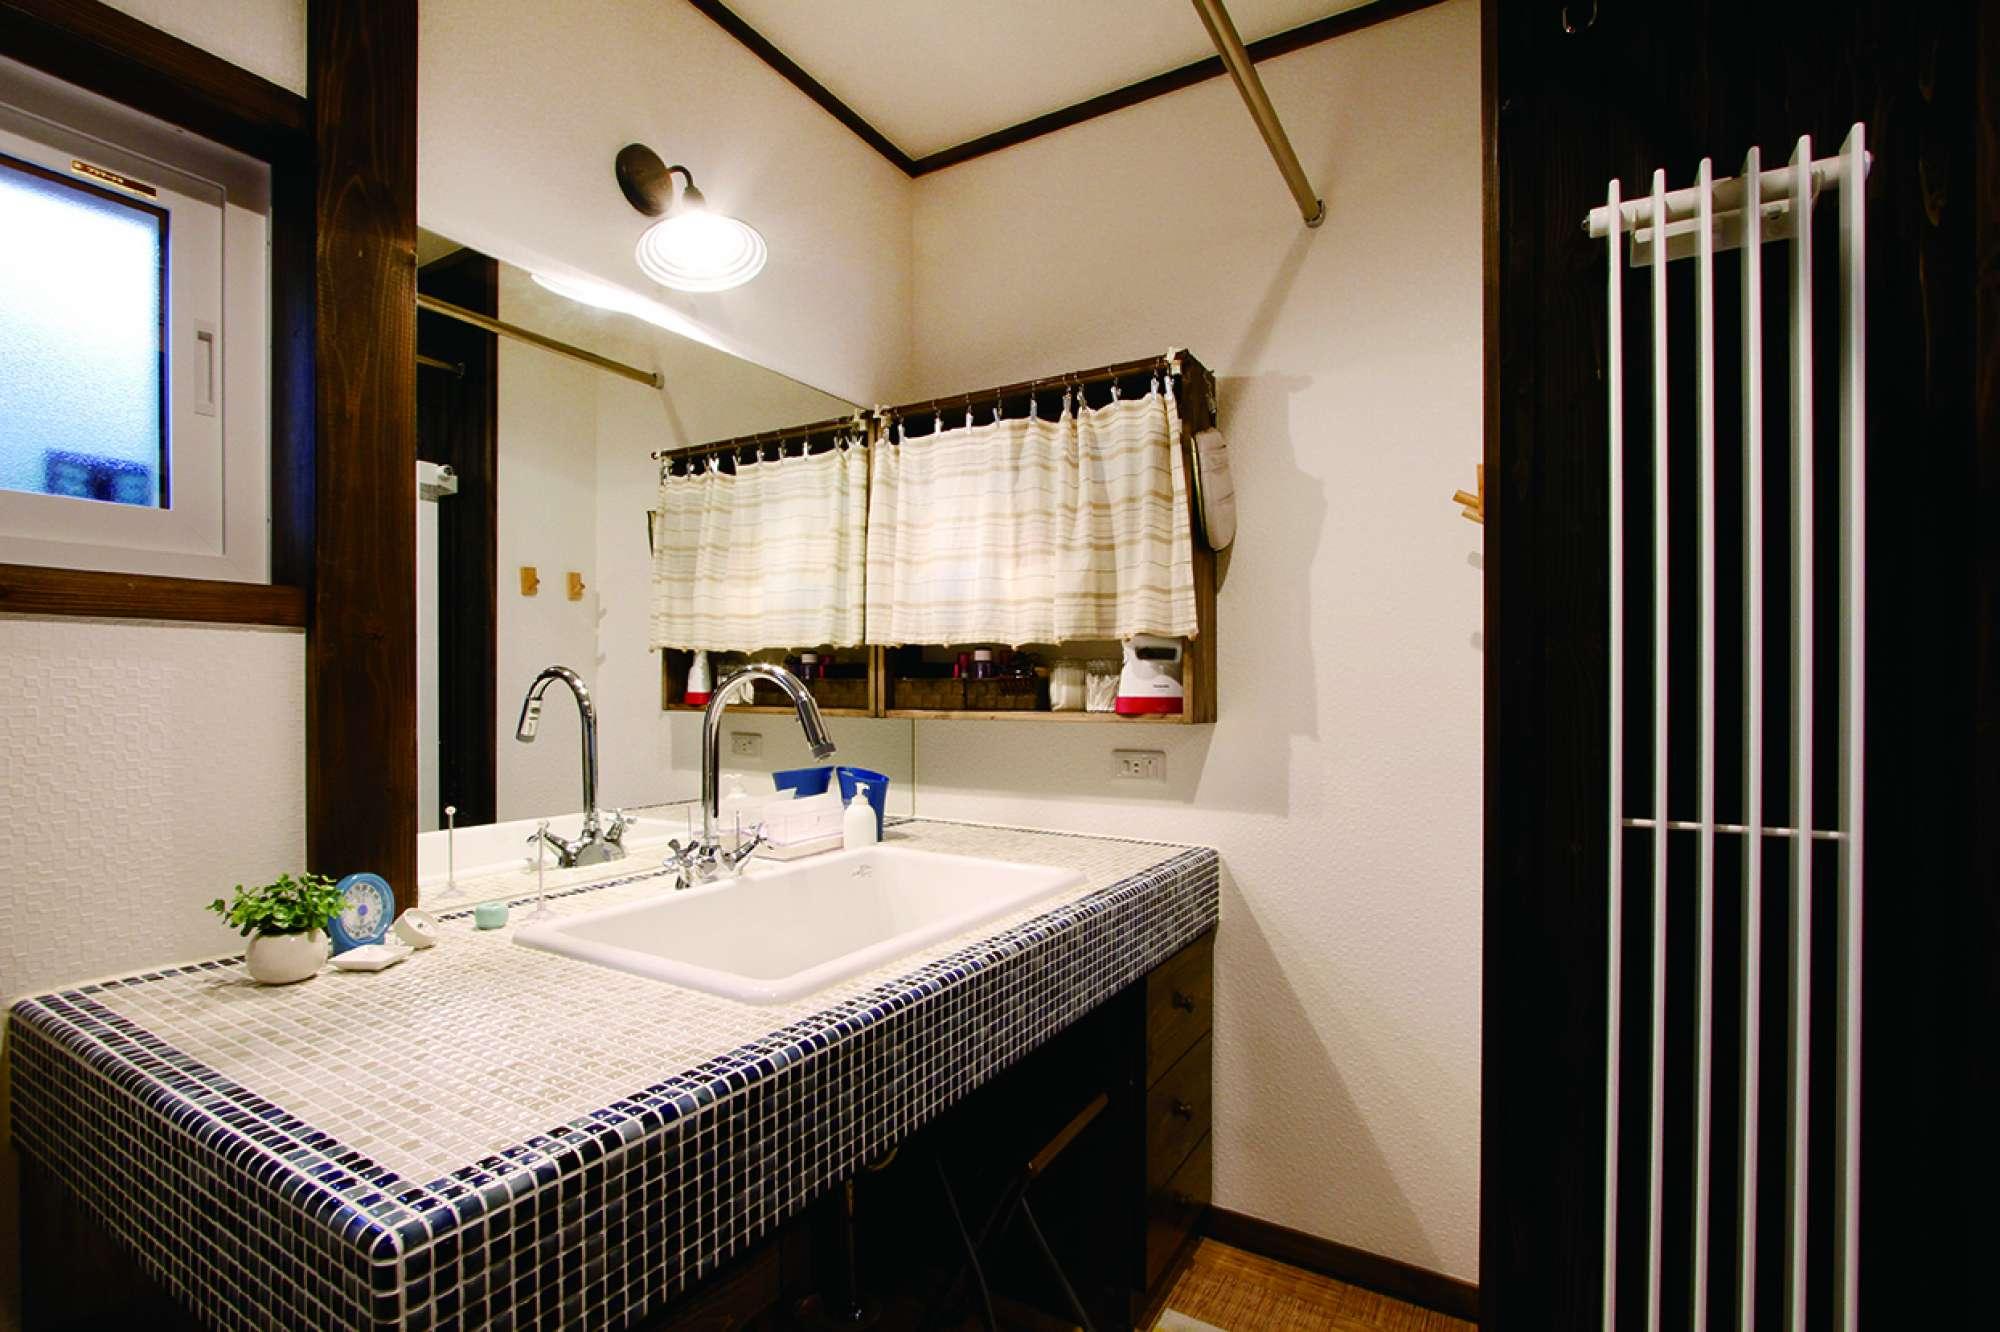 モザイクタイルをあしらった造作洗面化粧台 -  -  -